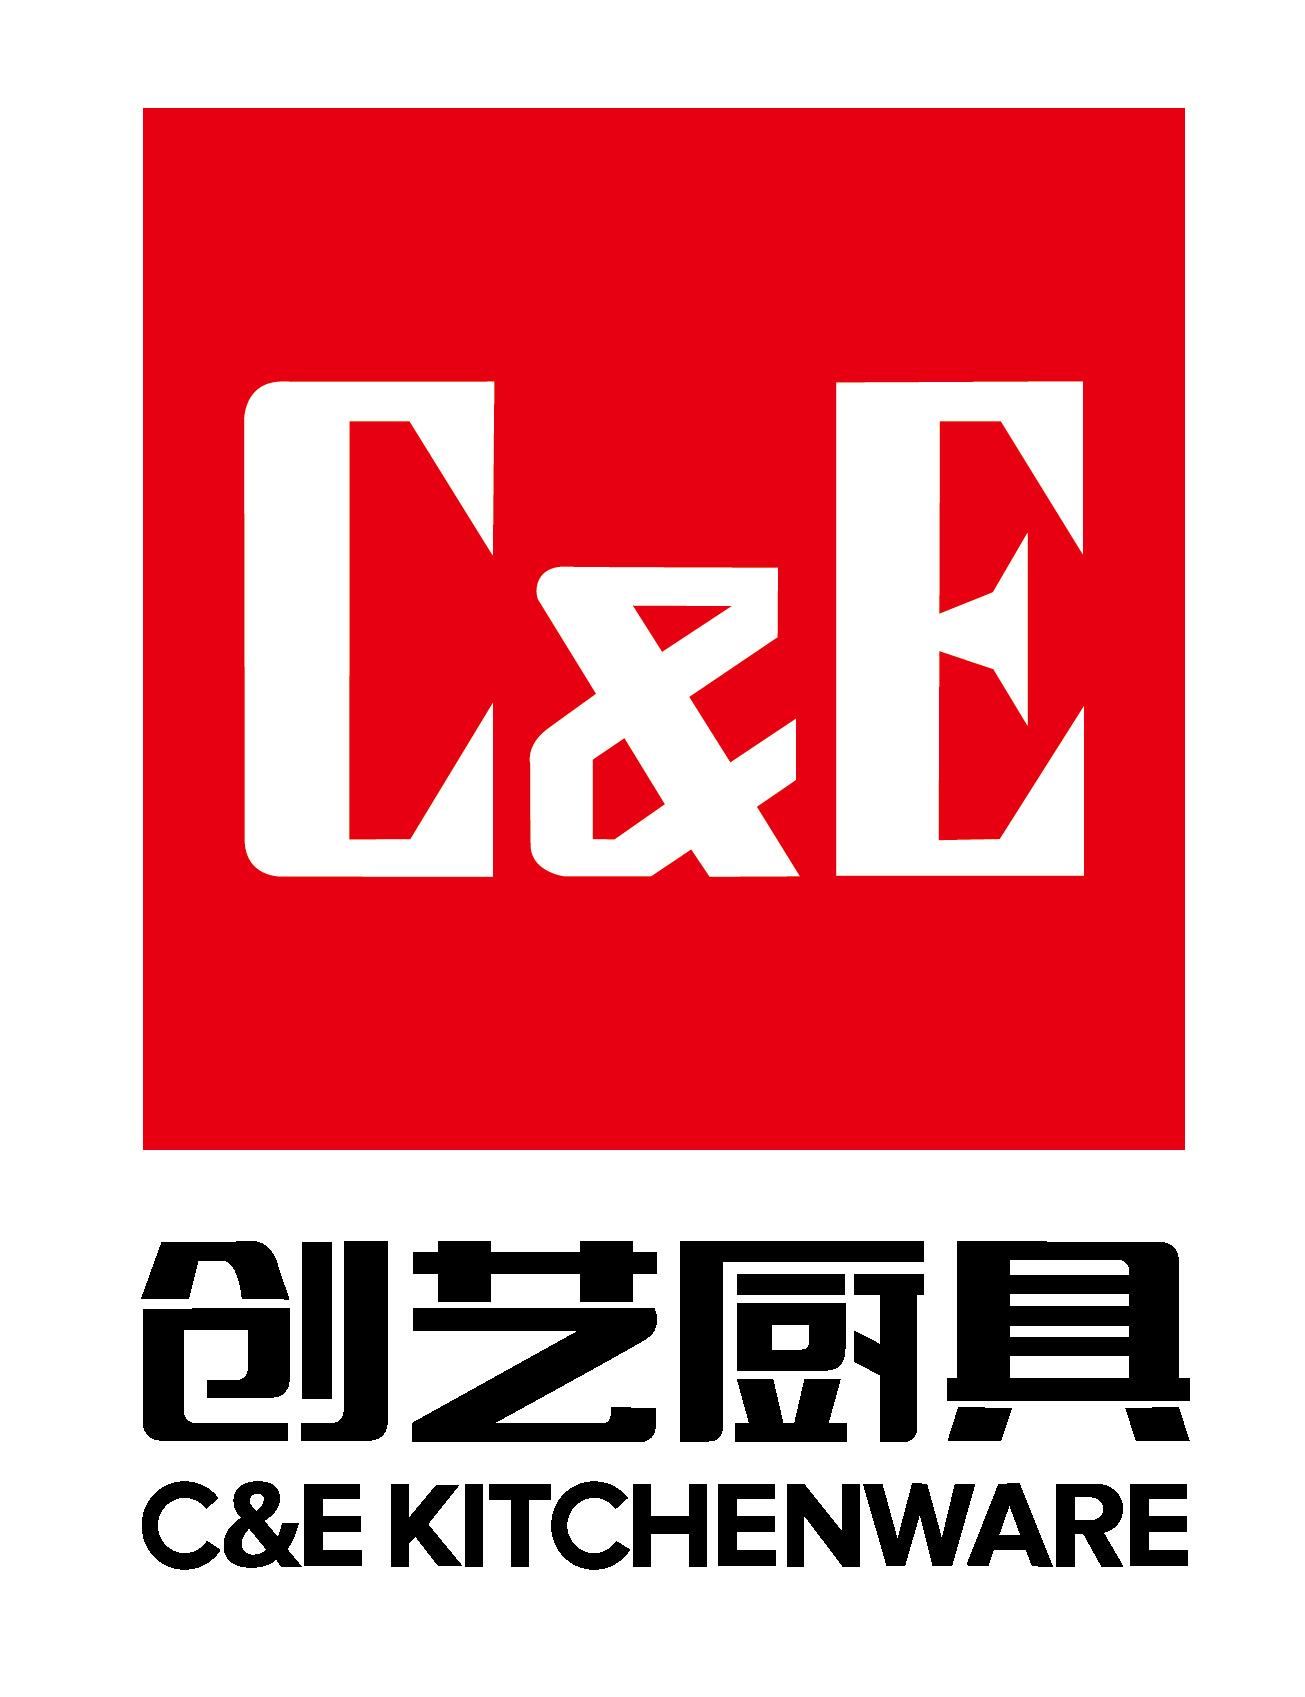 C&E kitchenware logo